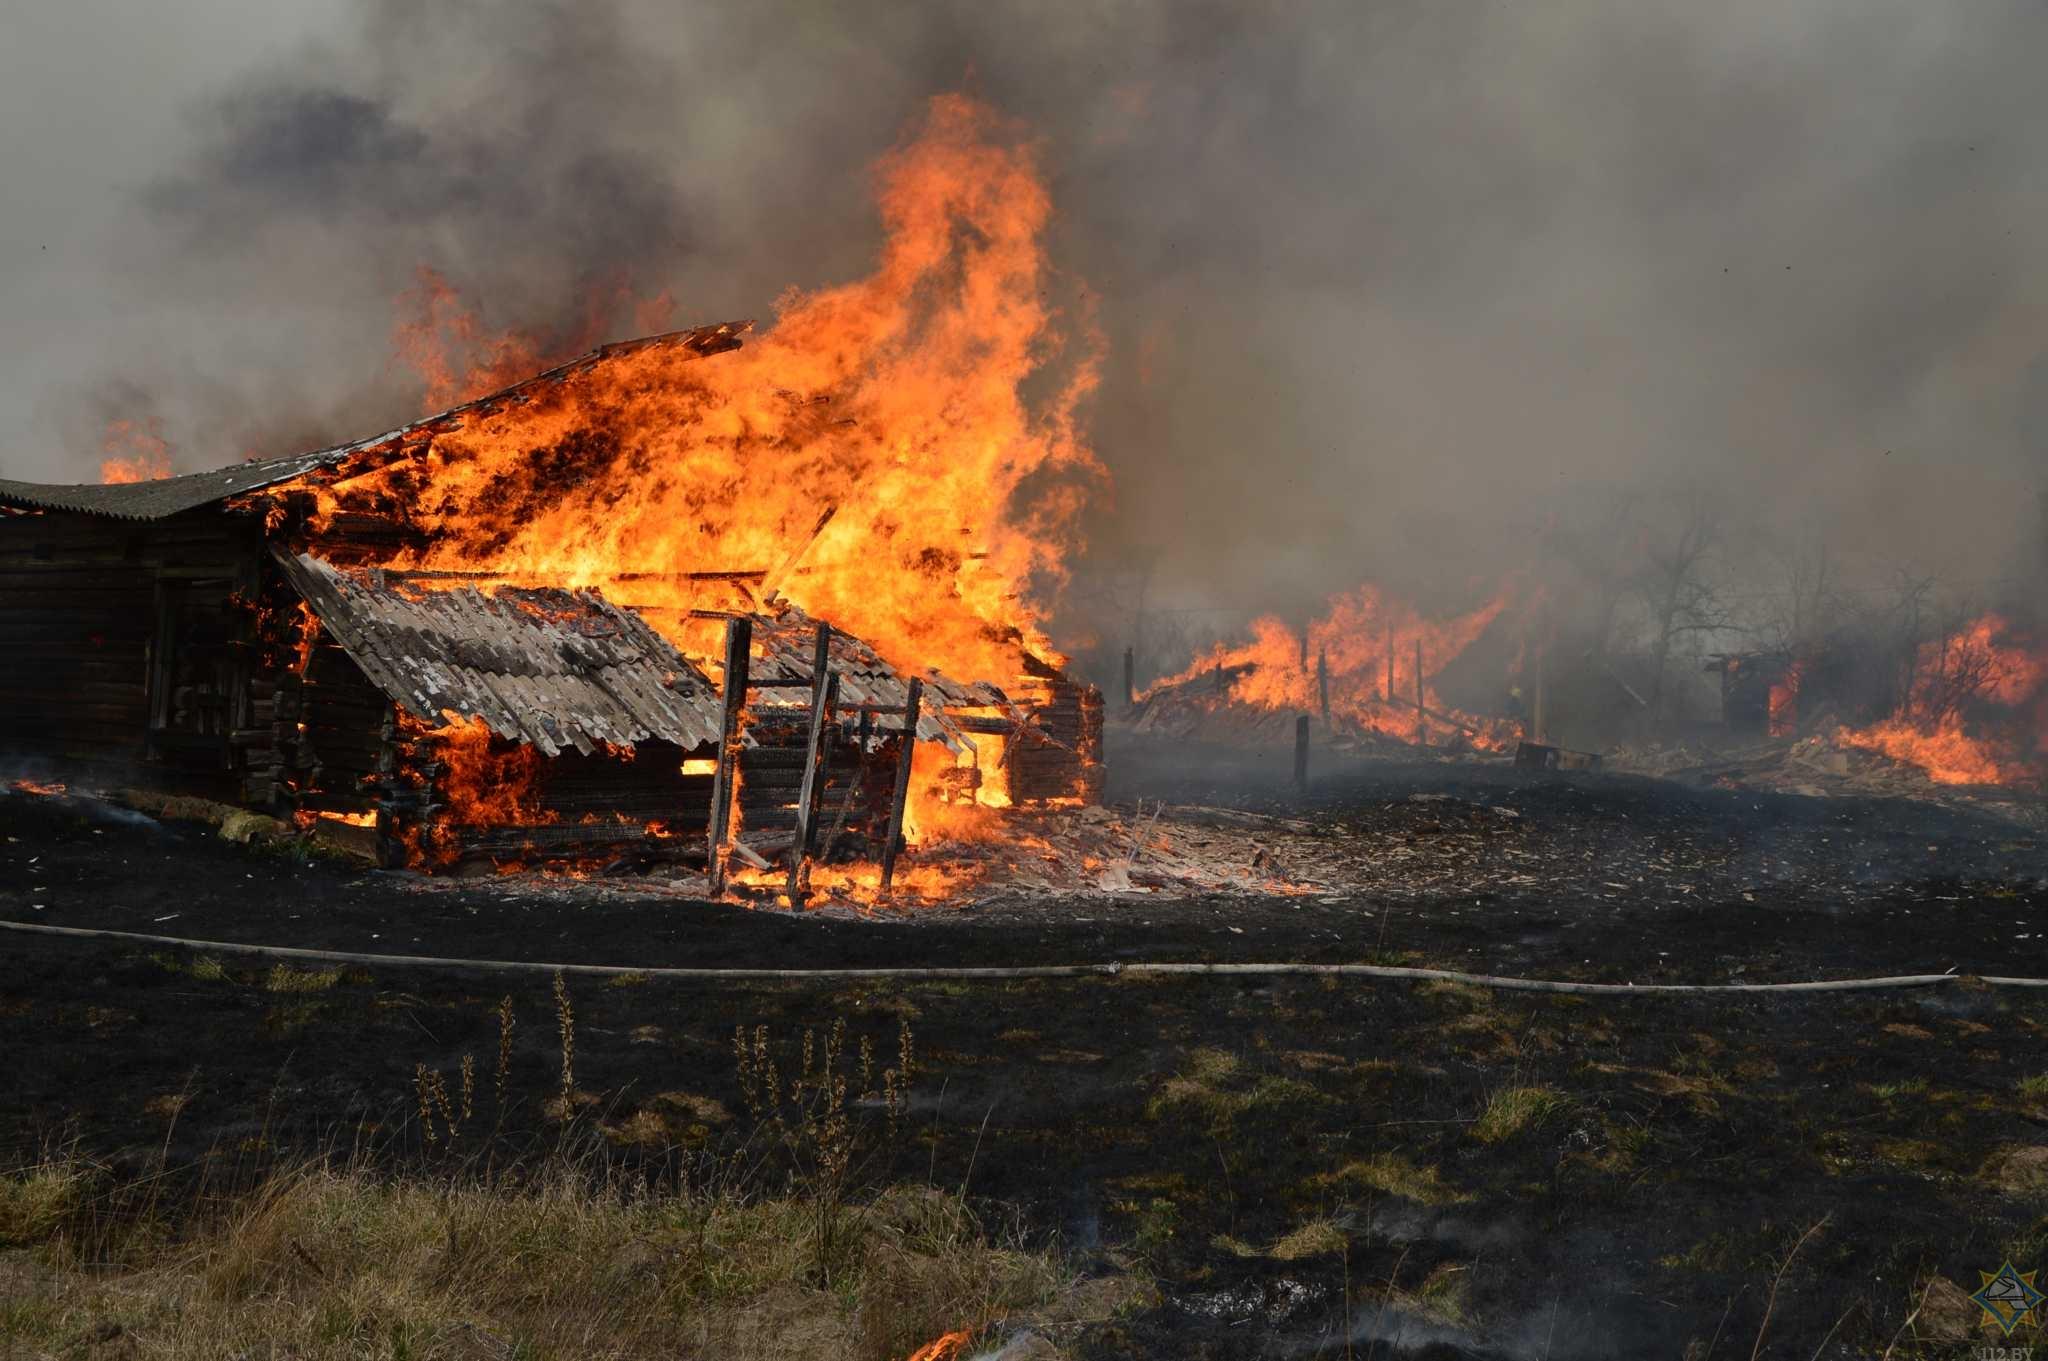 проходят через пожар в селе деревне фото смертельное дтп